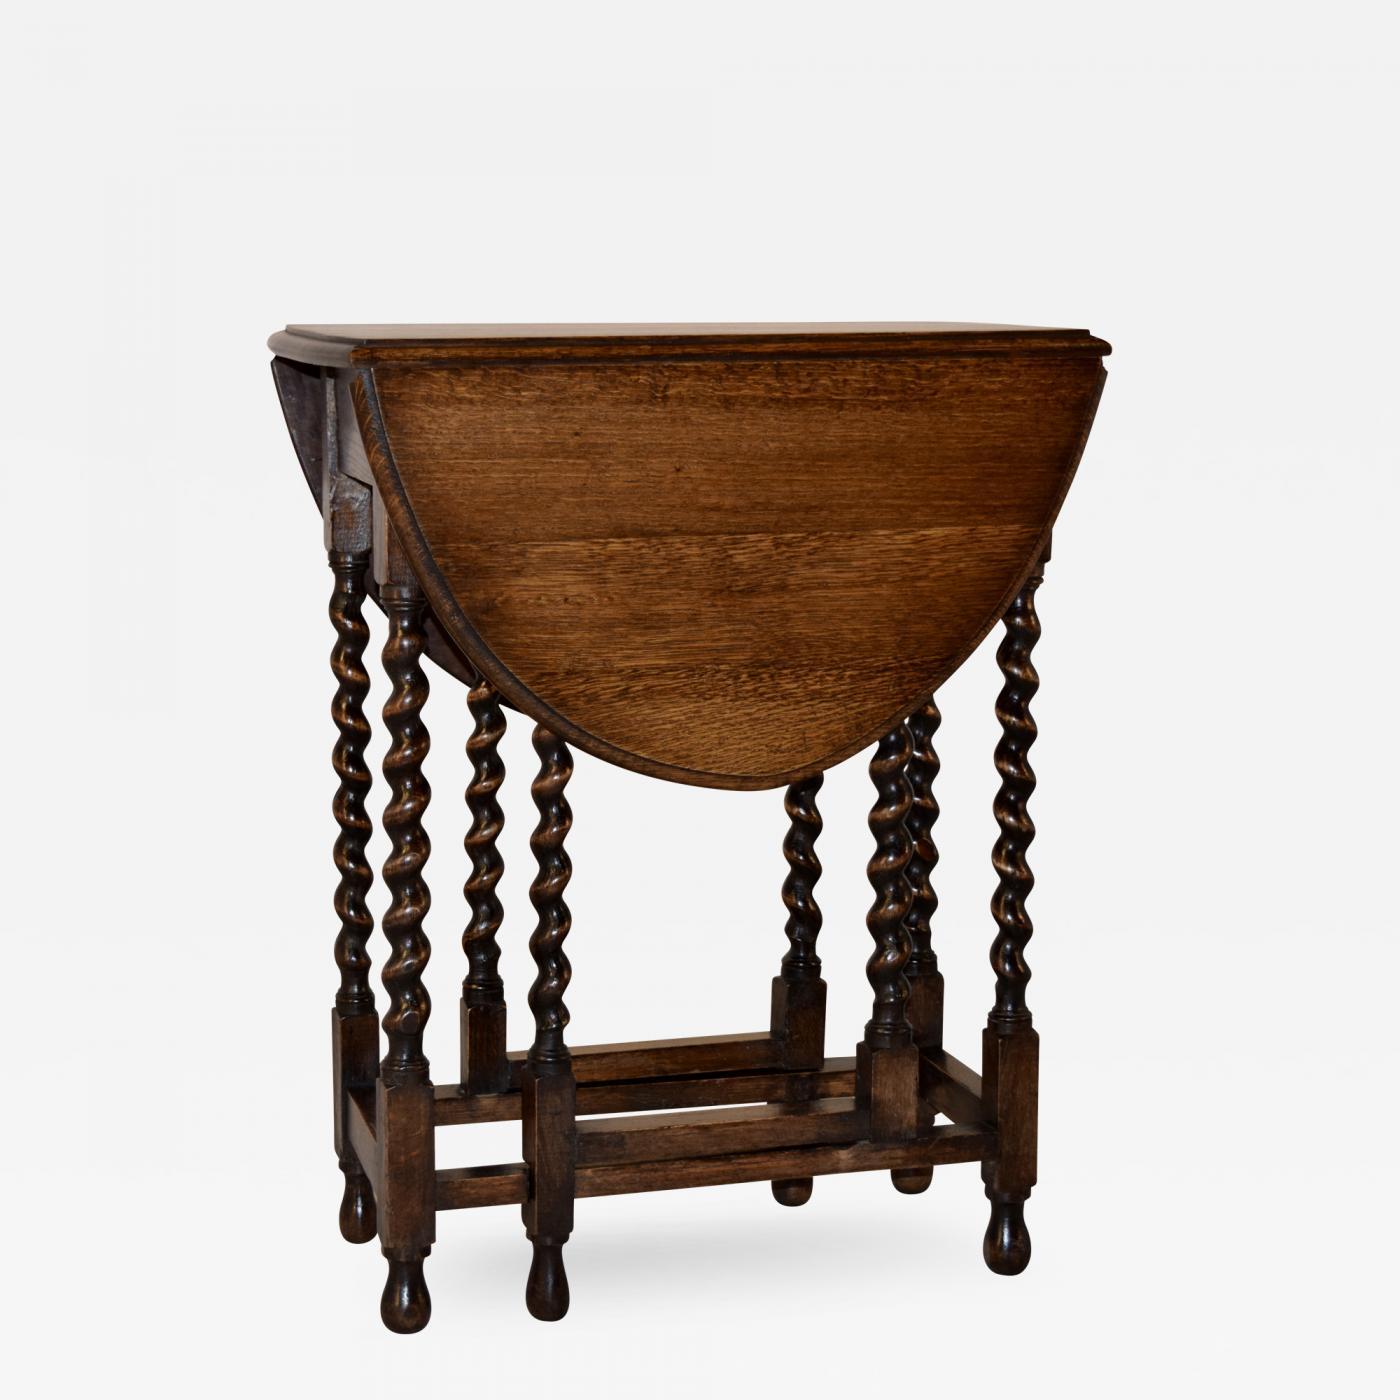 Circa 1900 English Oak Gateleg Table